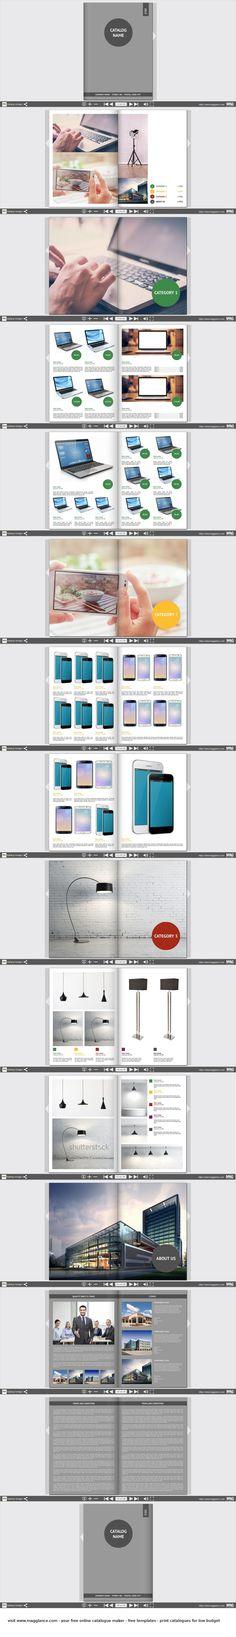 Katalog kostenlos online erstellen und günstig drucken unter https://www.magglance.com/ #Katalog #Kataloge #Vorlage #Design #Muster #Beispiel #Template #Gestalten #Erstellen #Produktkatalog #Layout